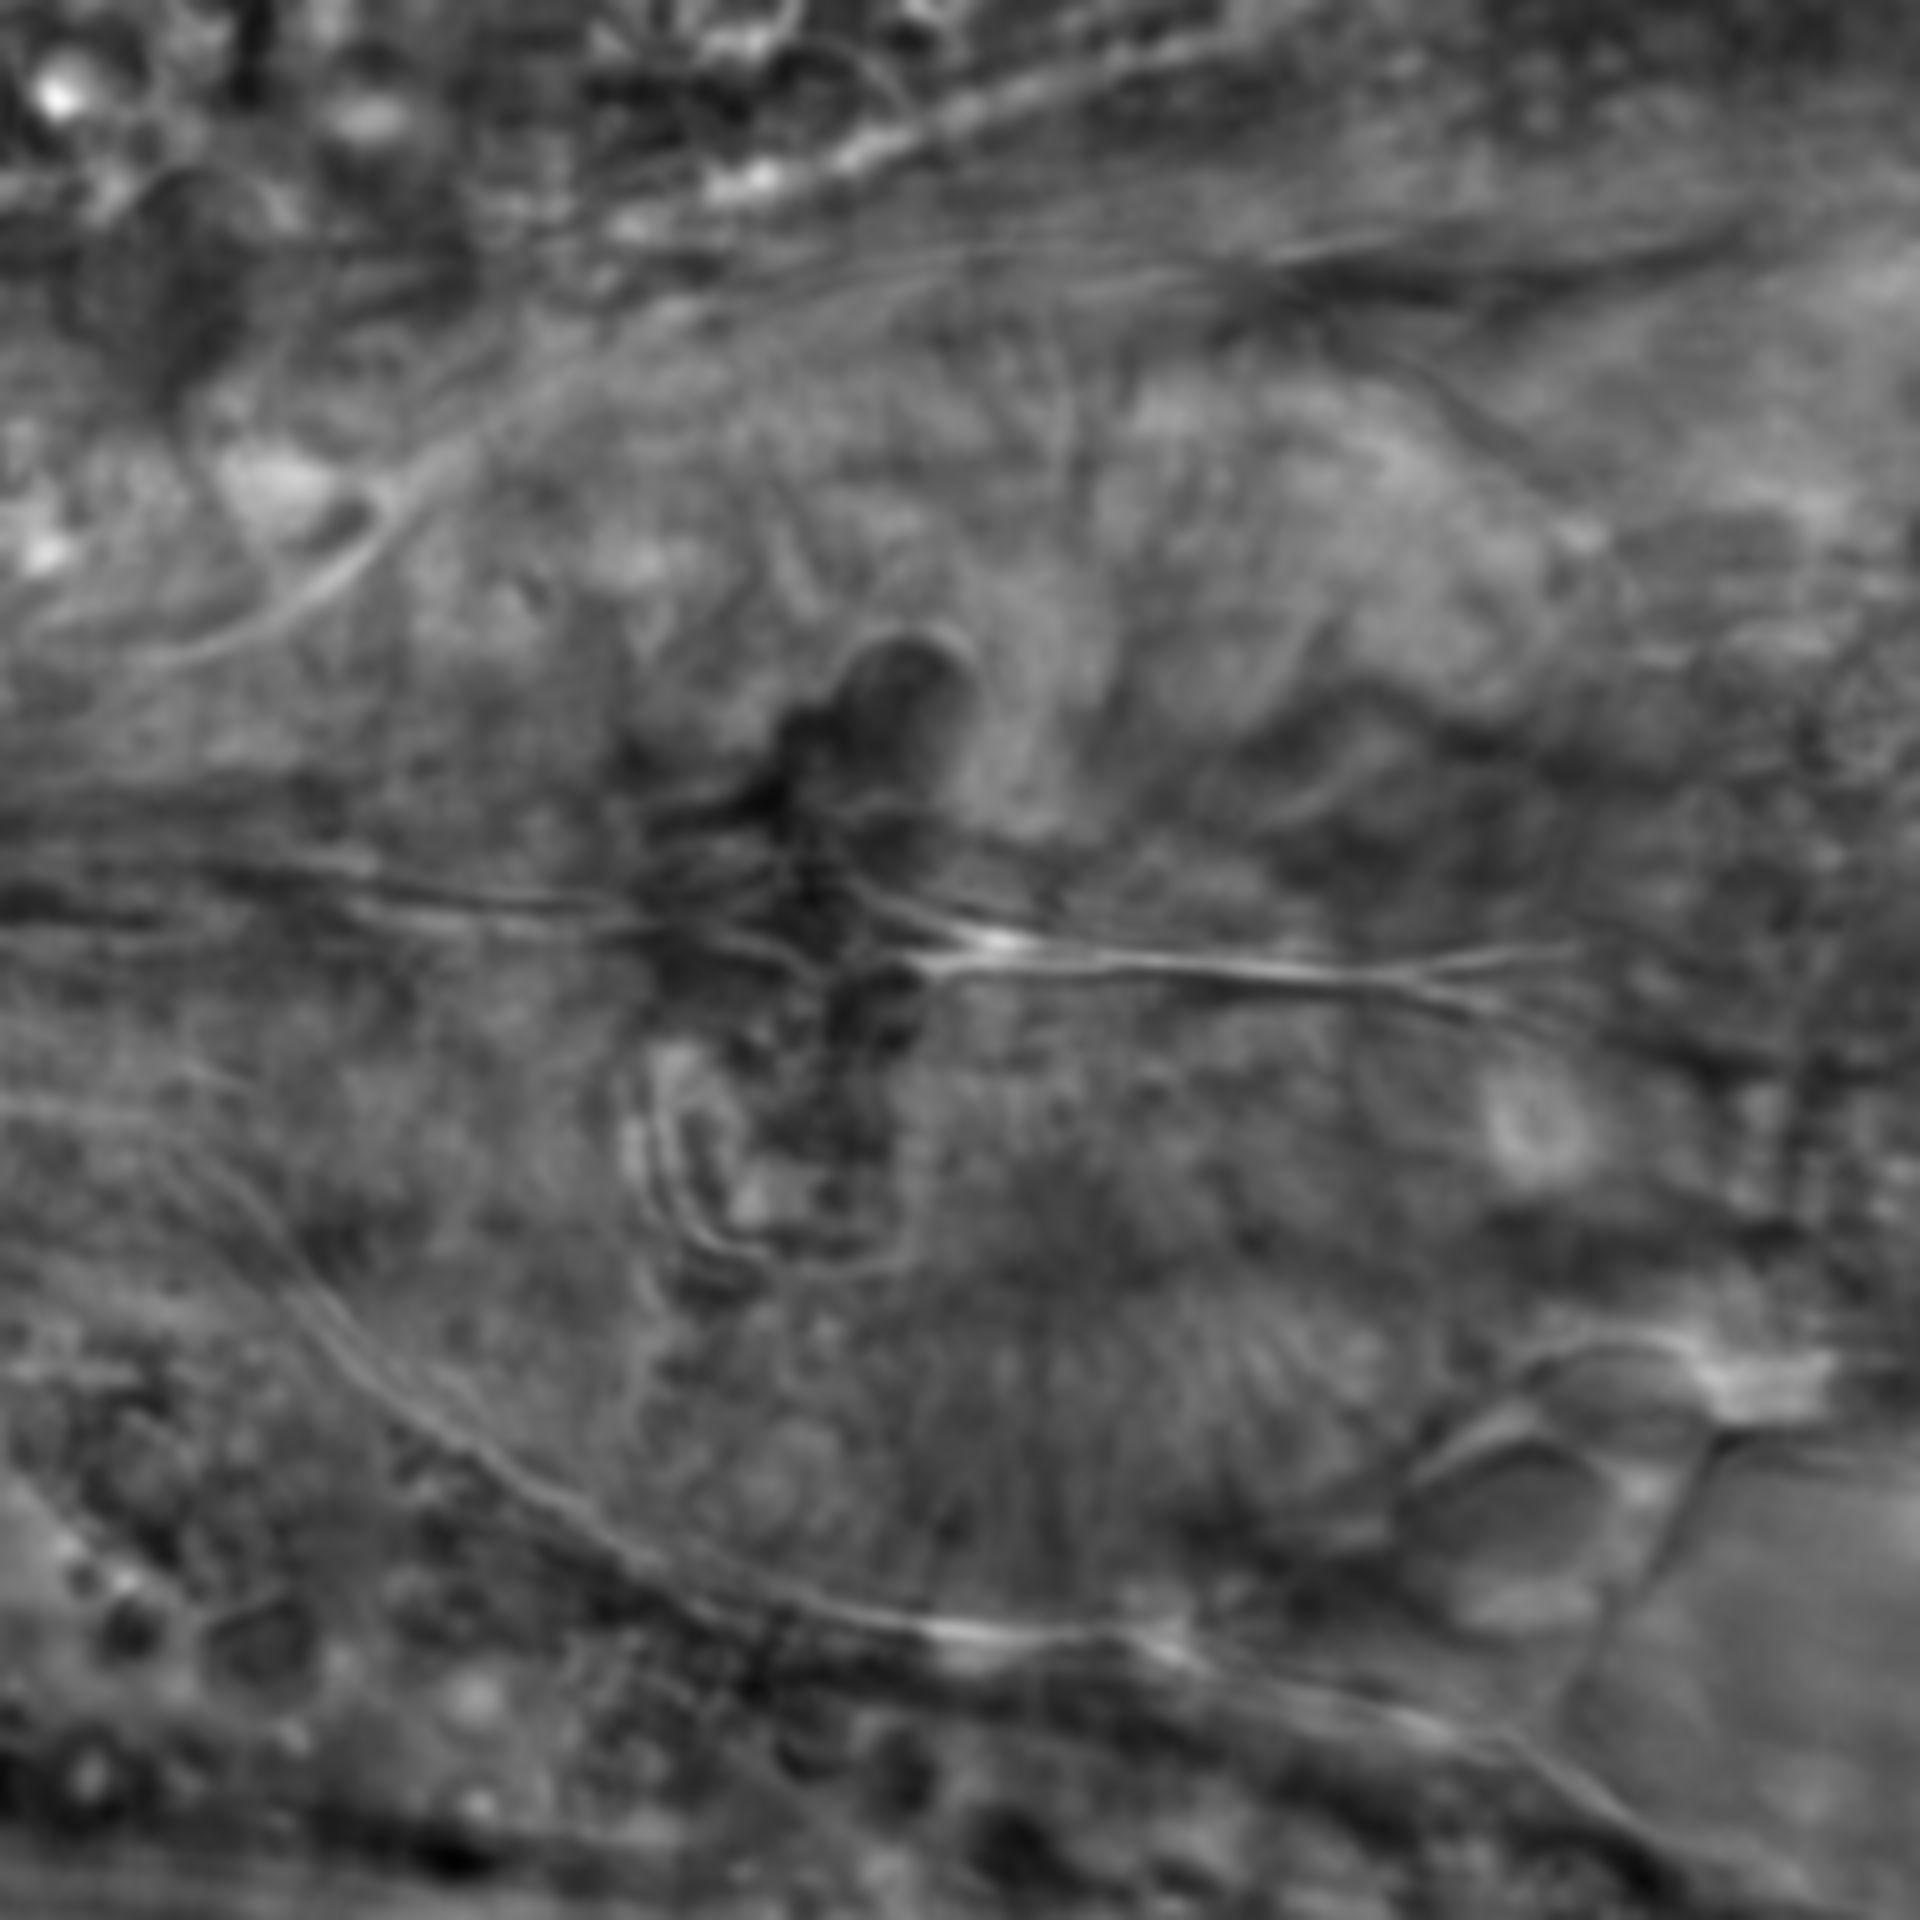 Caenorhabditis elegans - CIL:2212